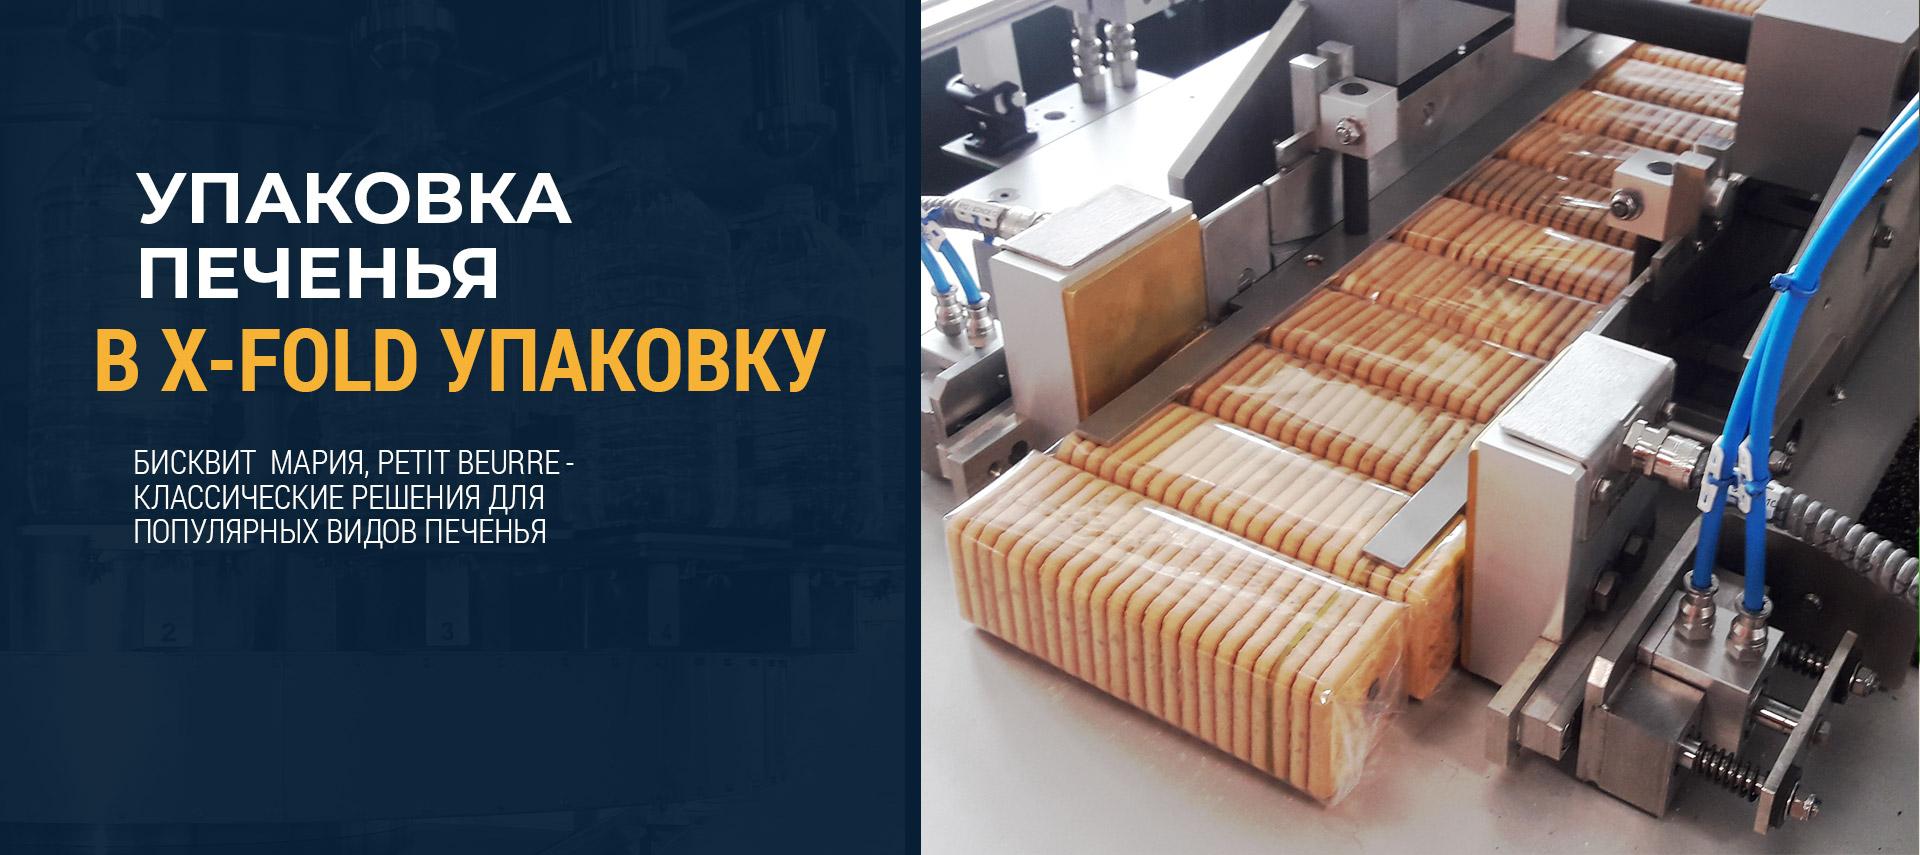 Оборудование Упаковка печенья в x-fold упаковку Украина, Киев